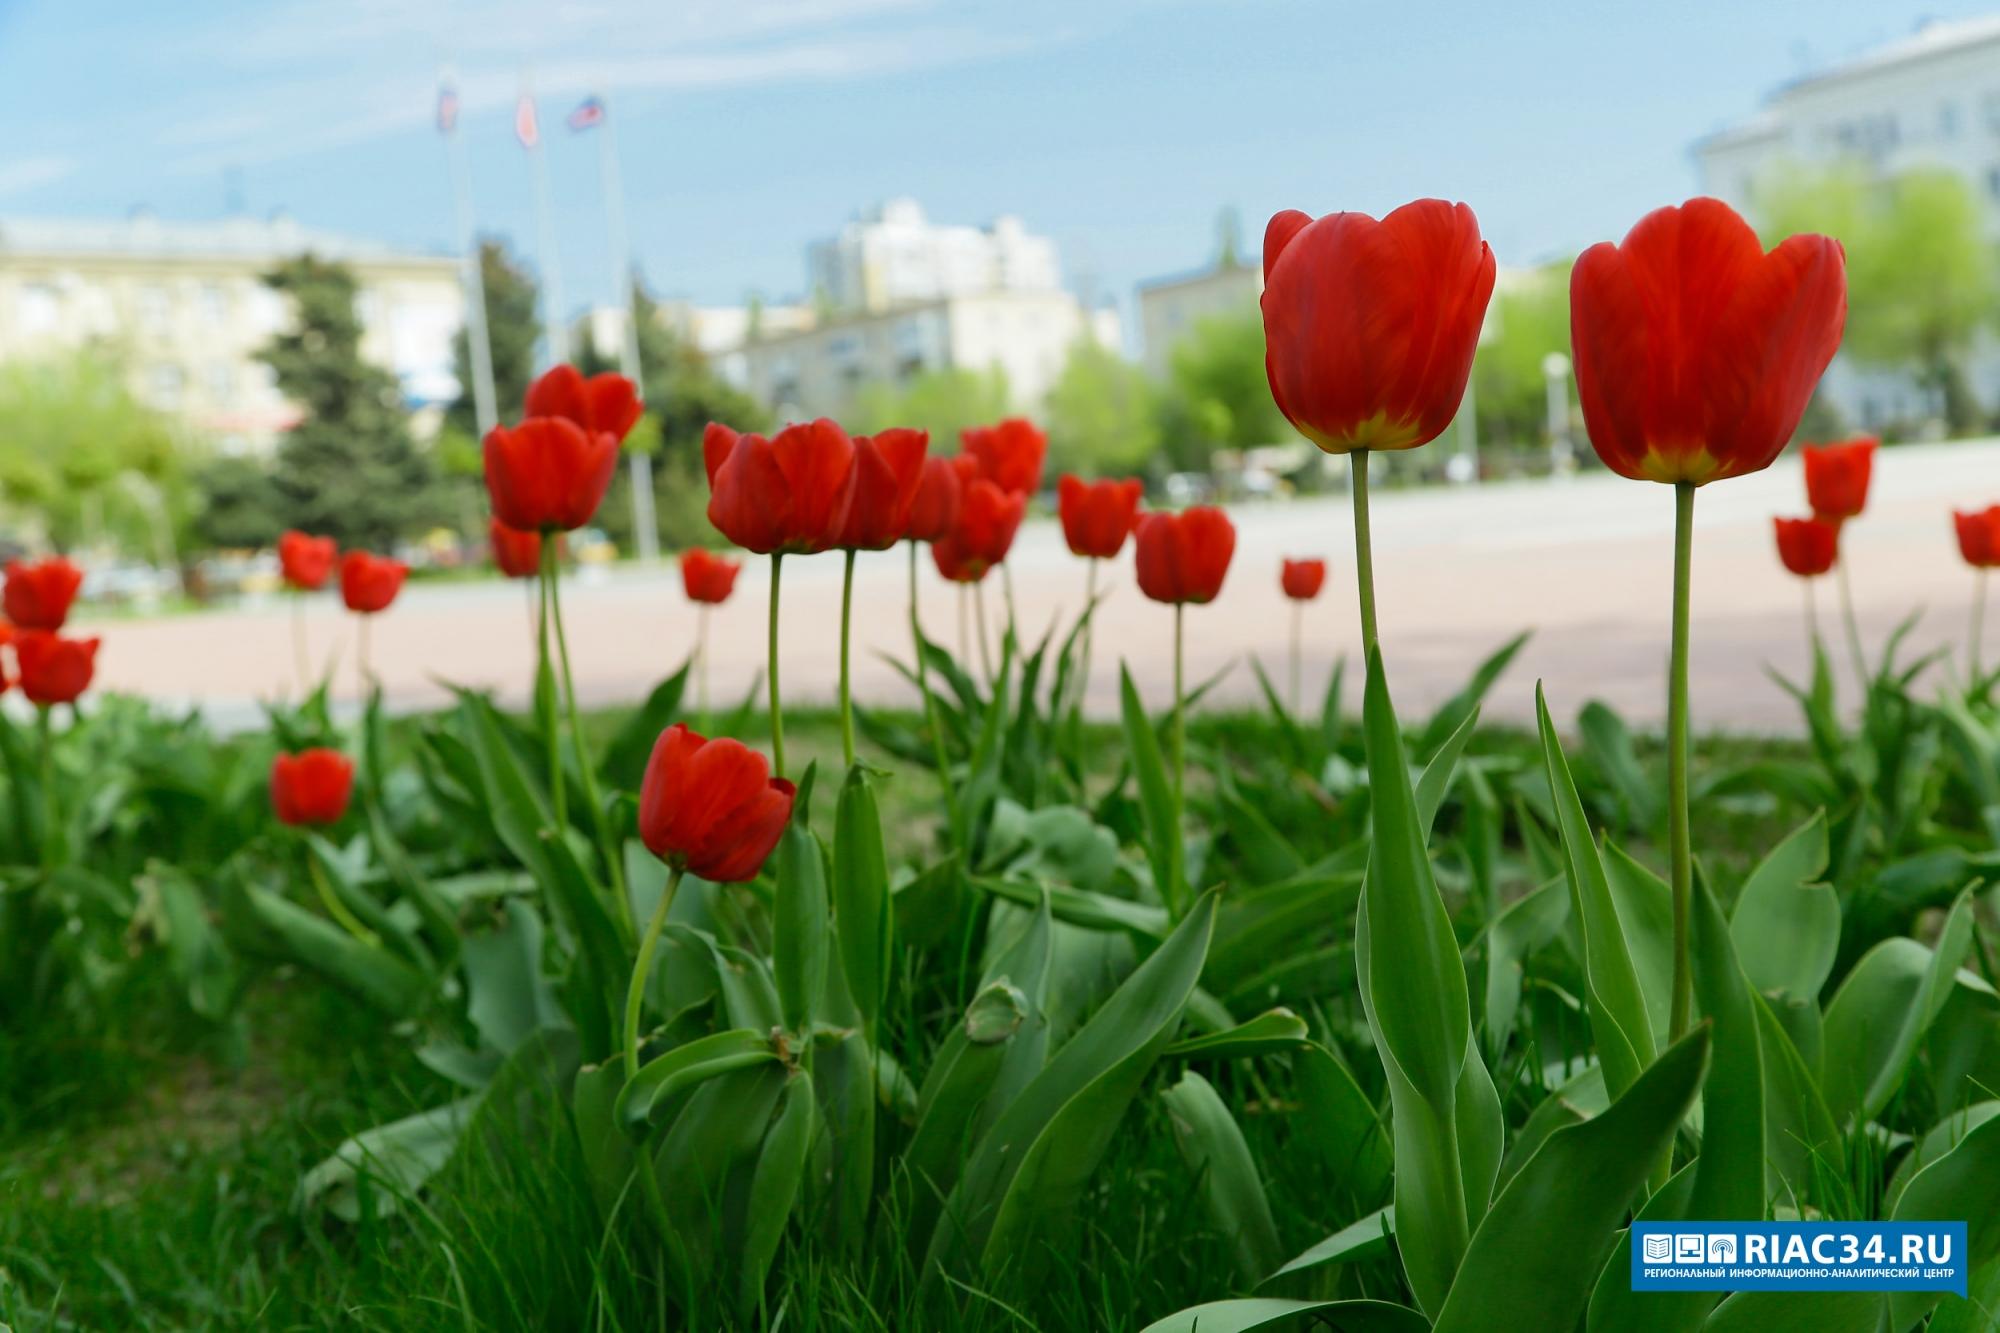 Наклумбы Волгограда высадили 30 тыс. цветов